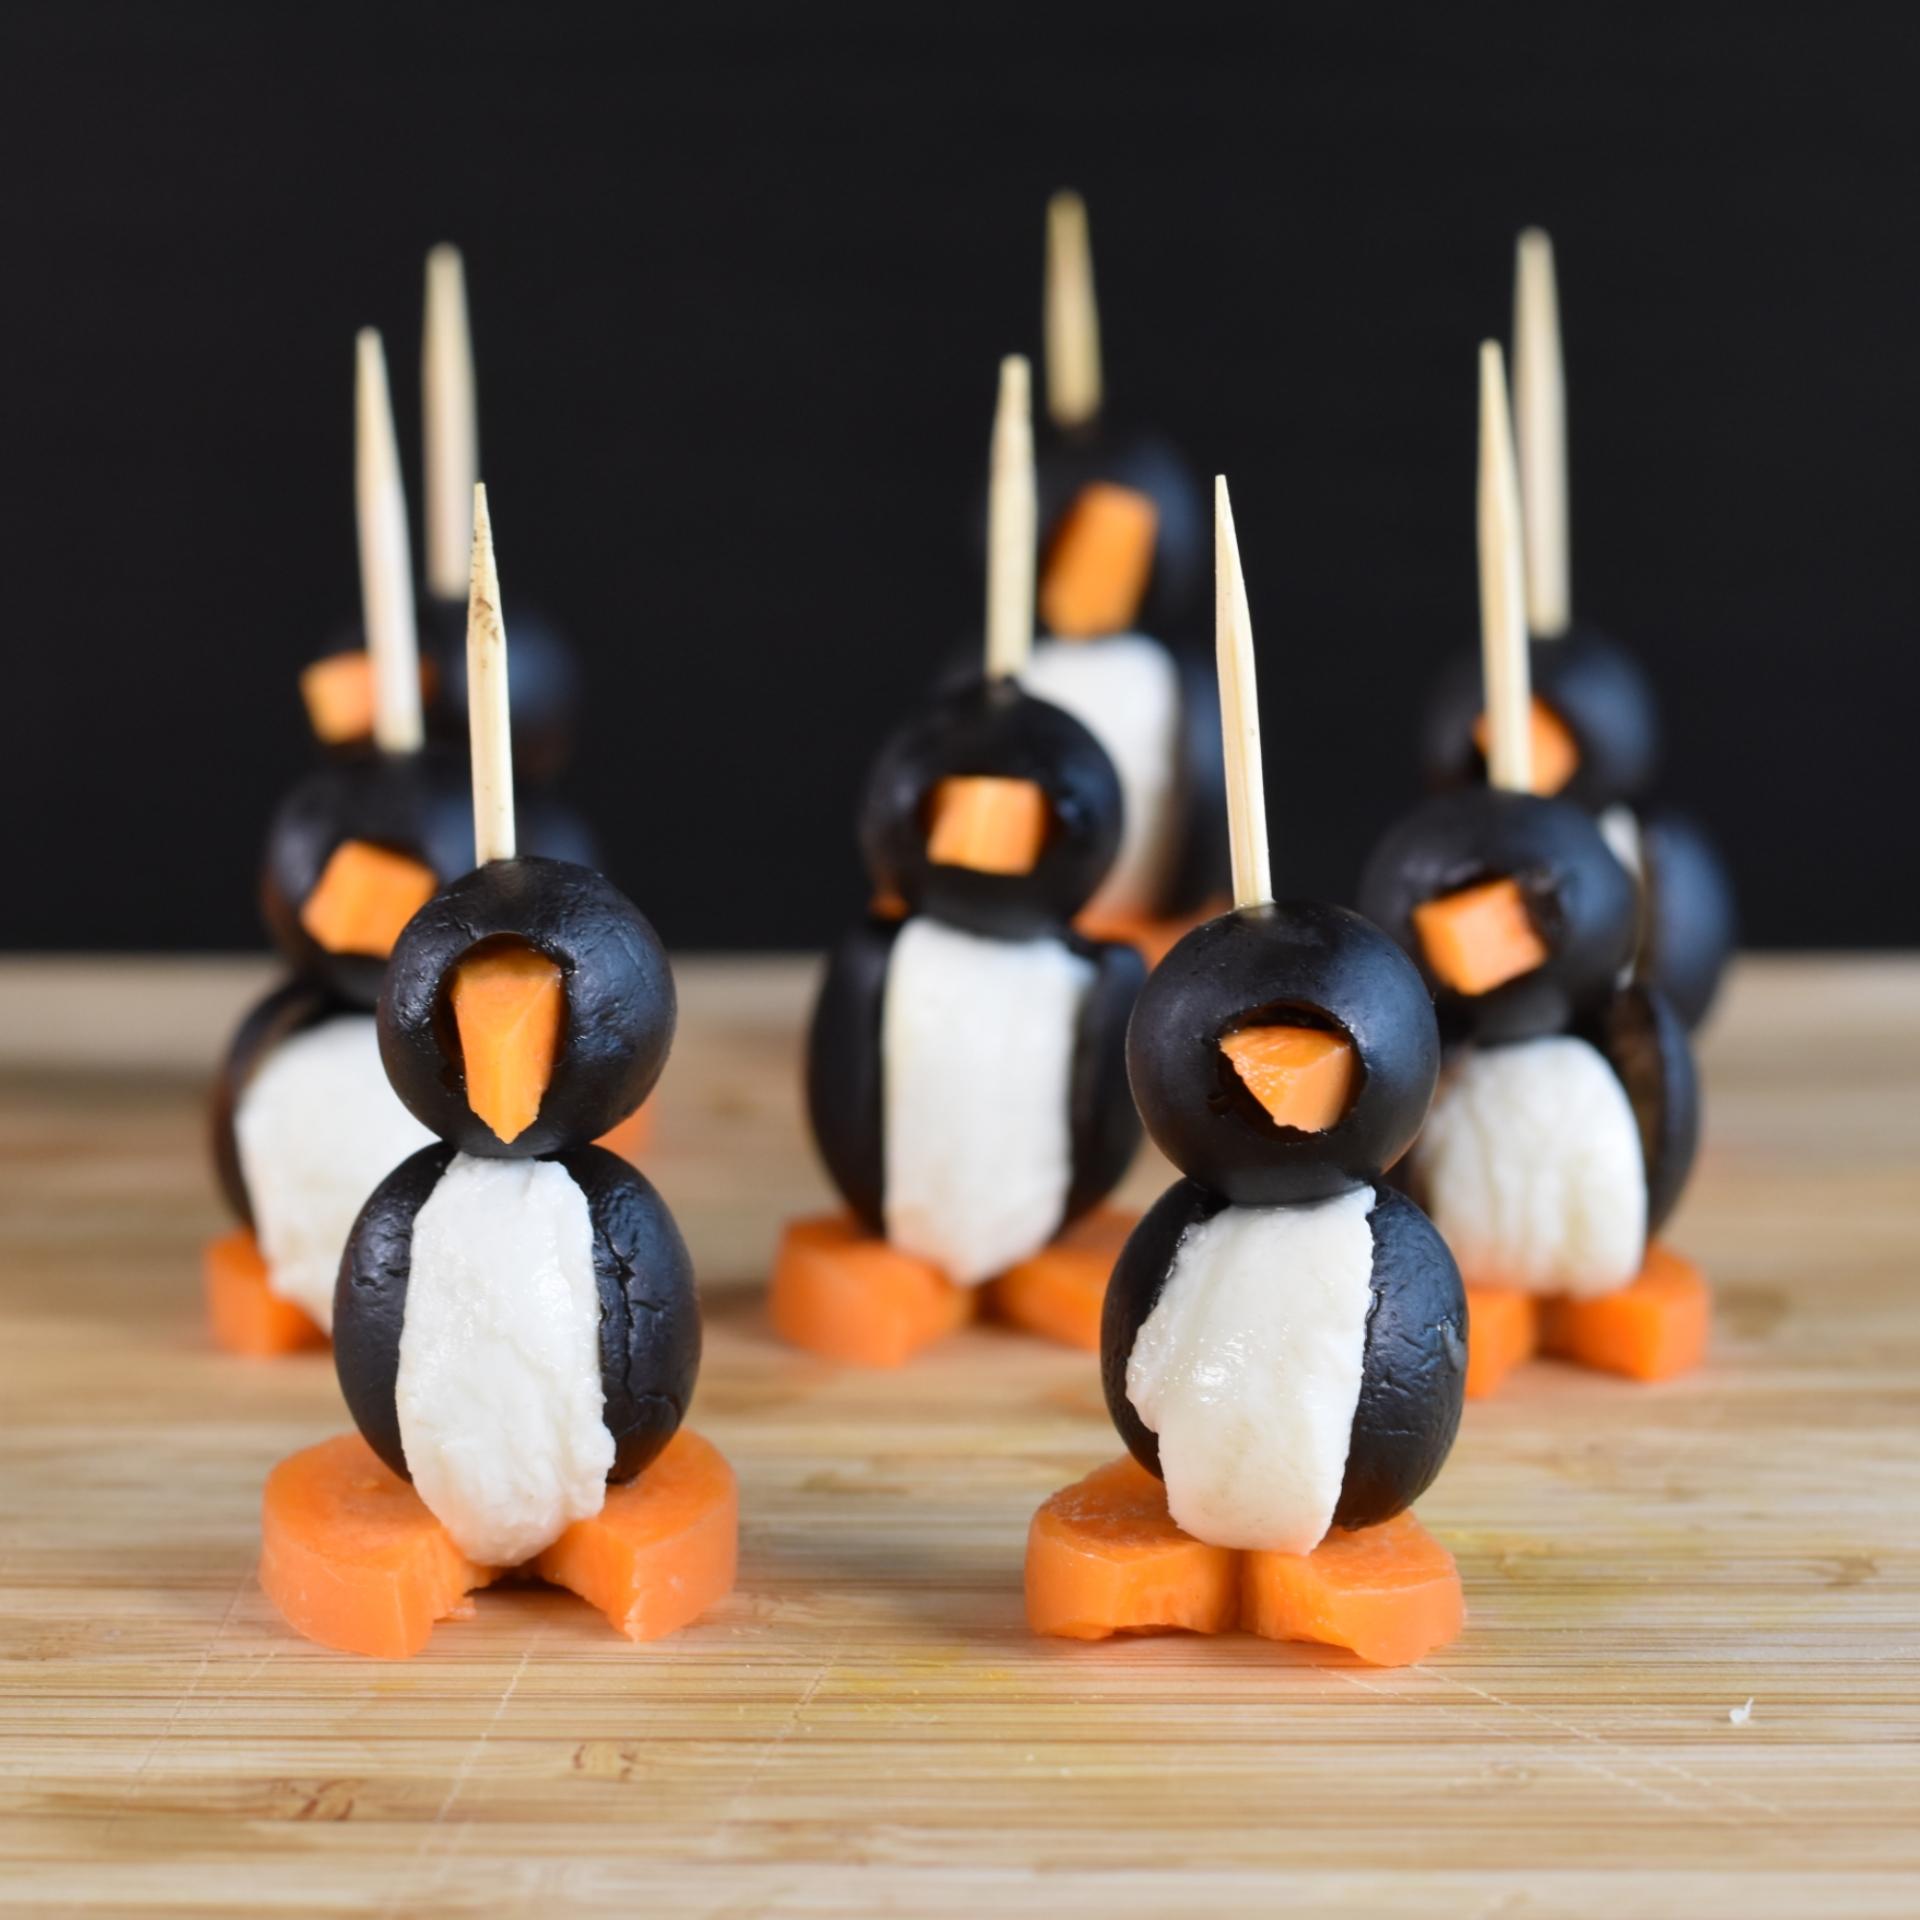 edible penguins